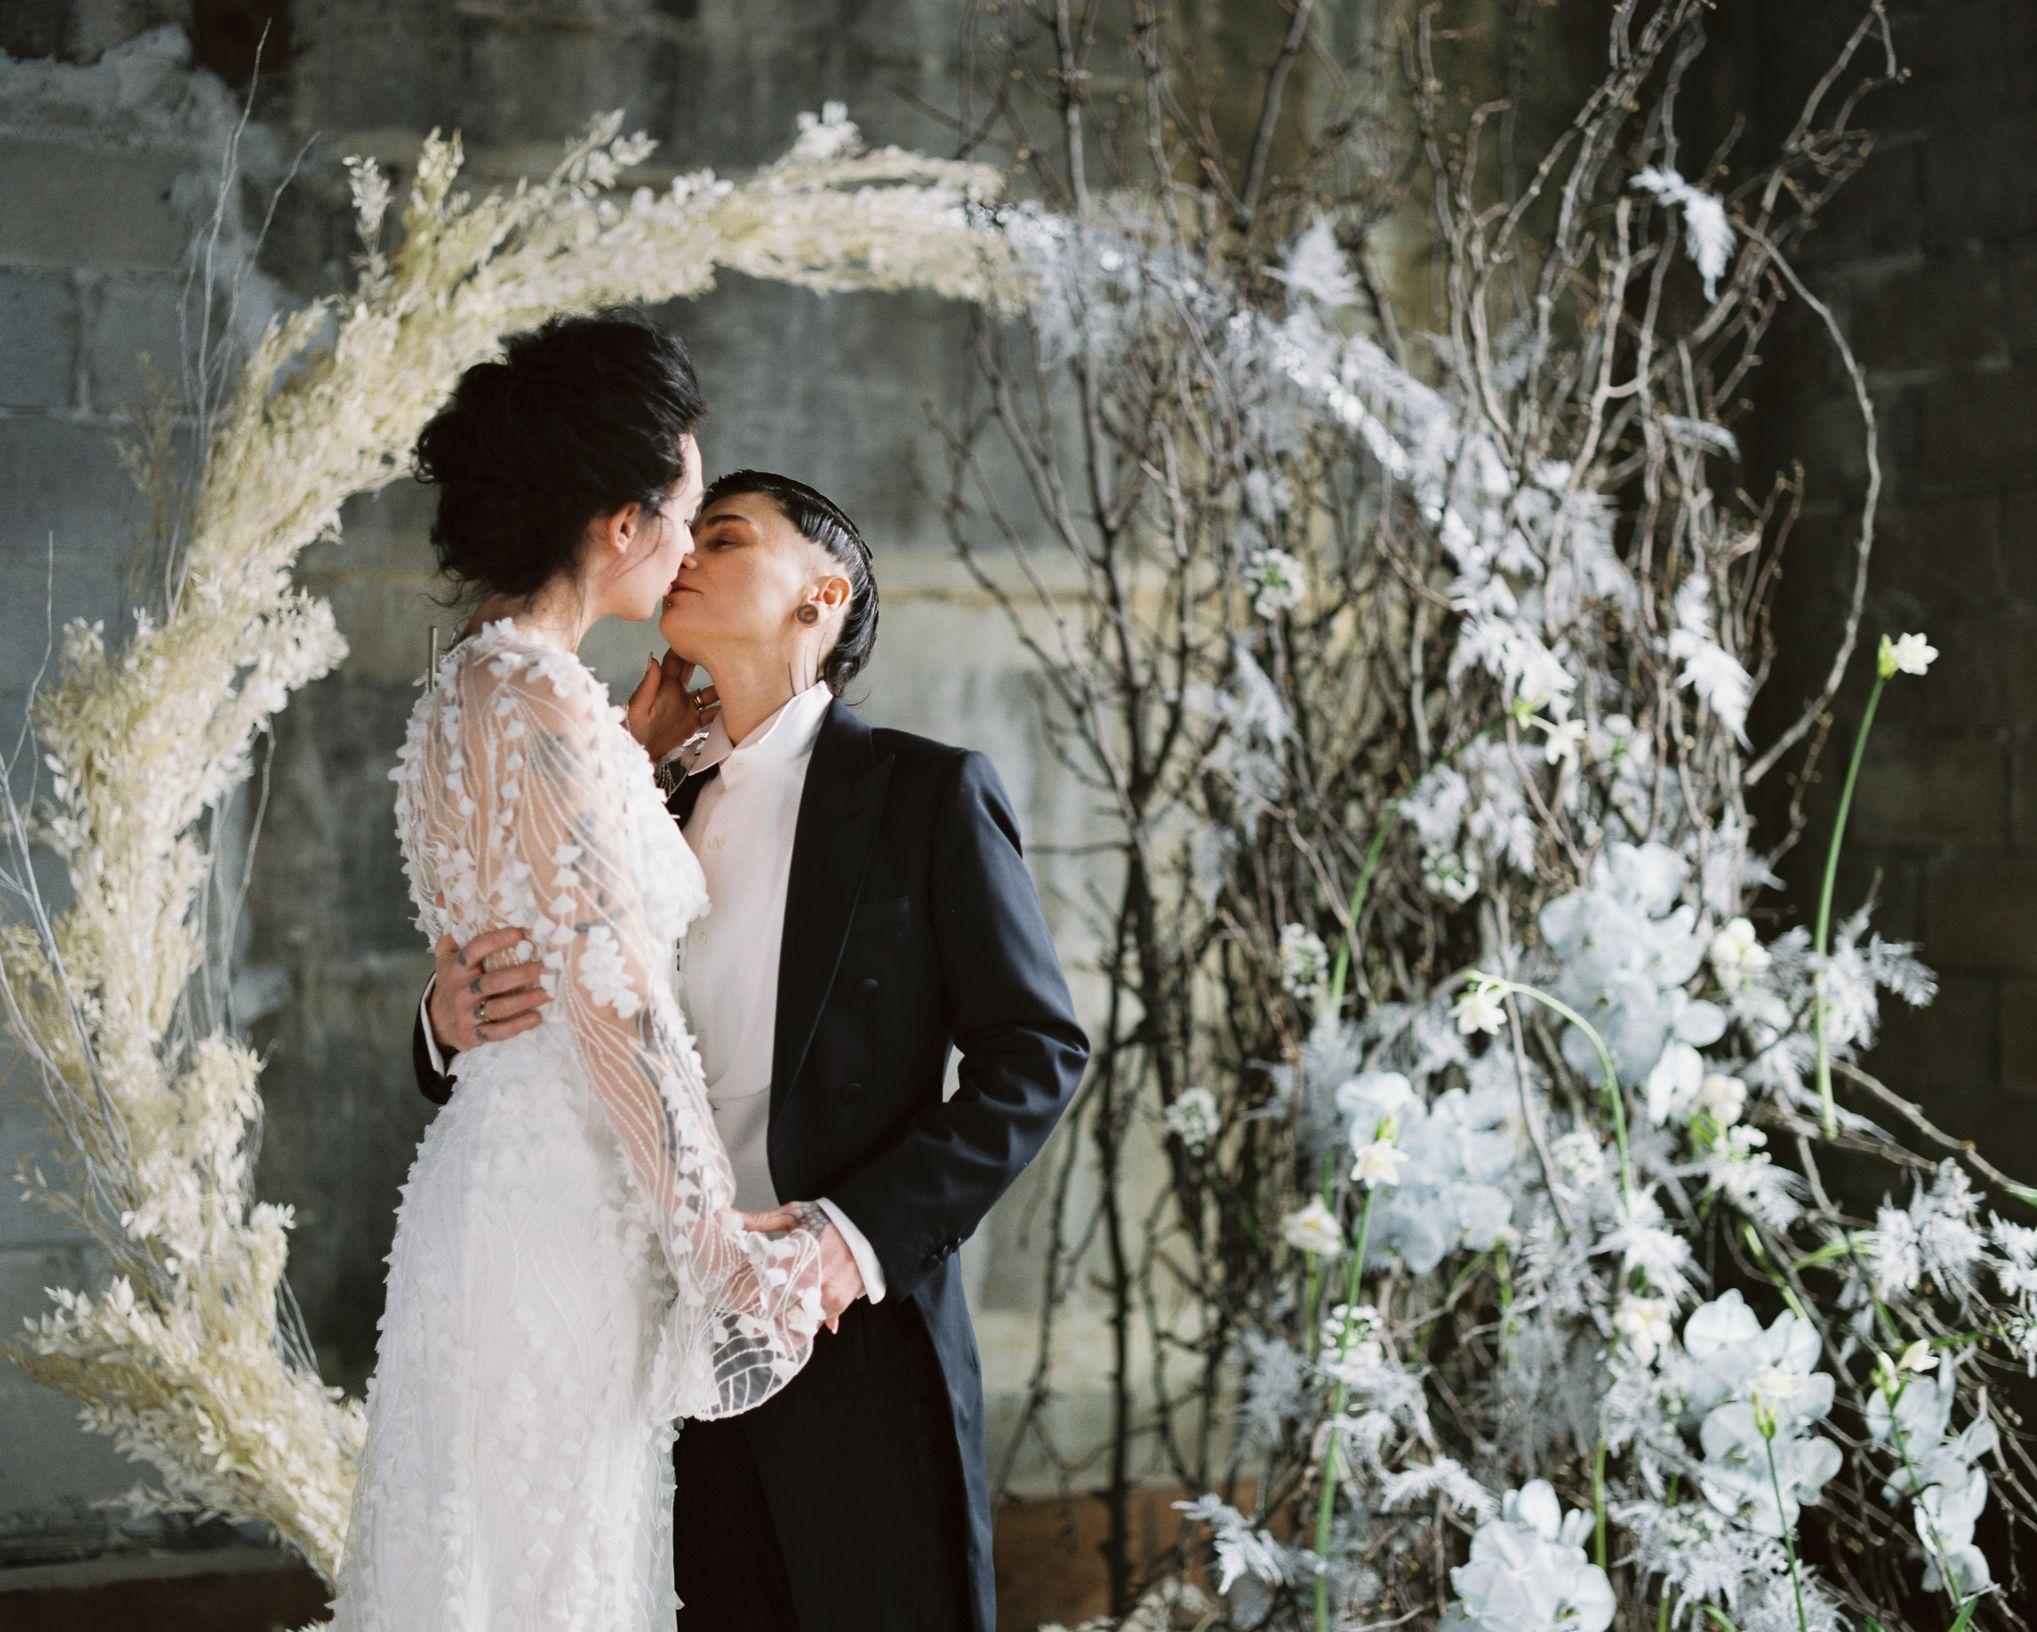 olio-peabody-boston-lesbian-wedding-style-daylynn-designs17 2.jpg